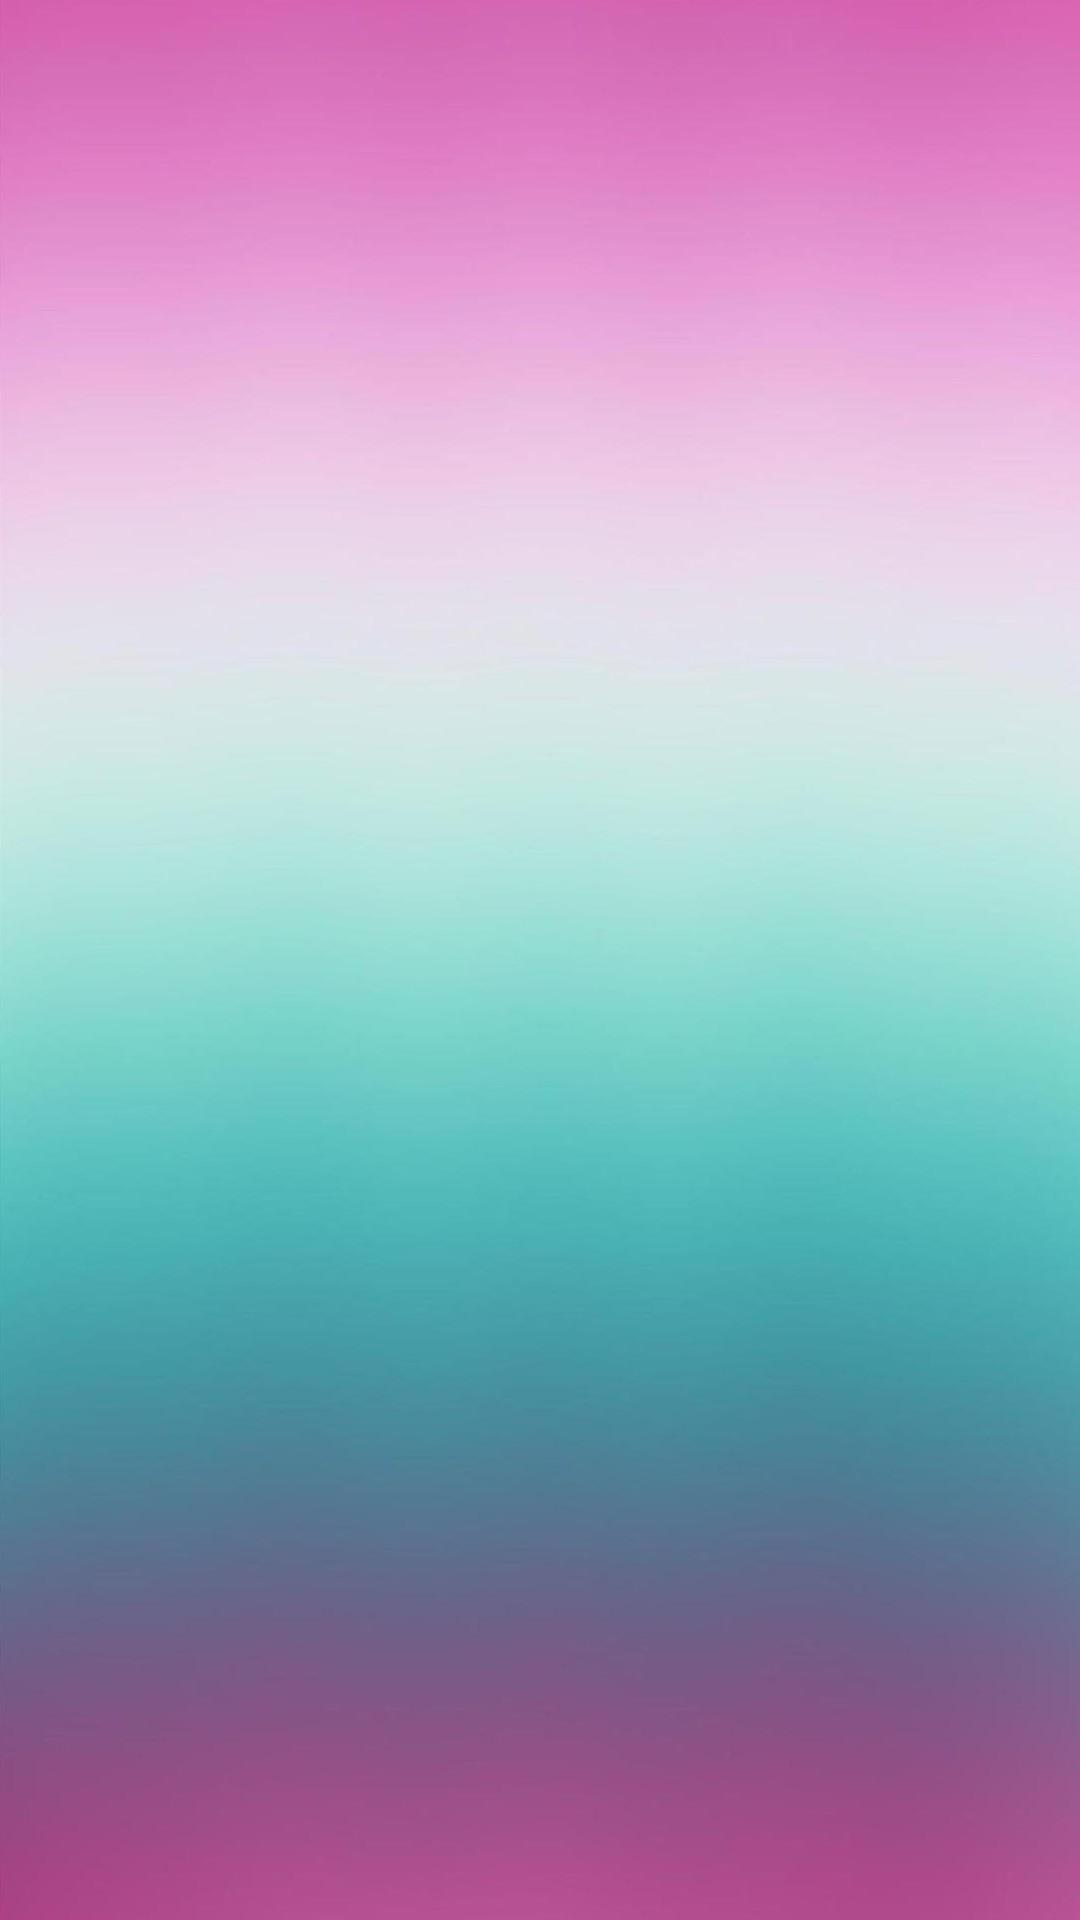 Simple Phone Wallpapers Hd Simple background nexus 5 1080x1920